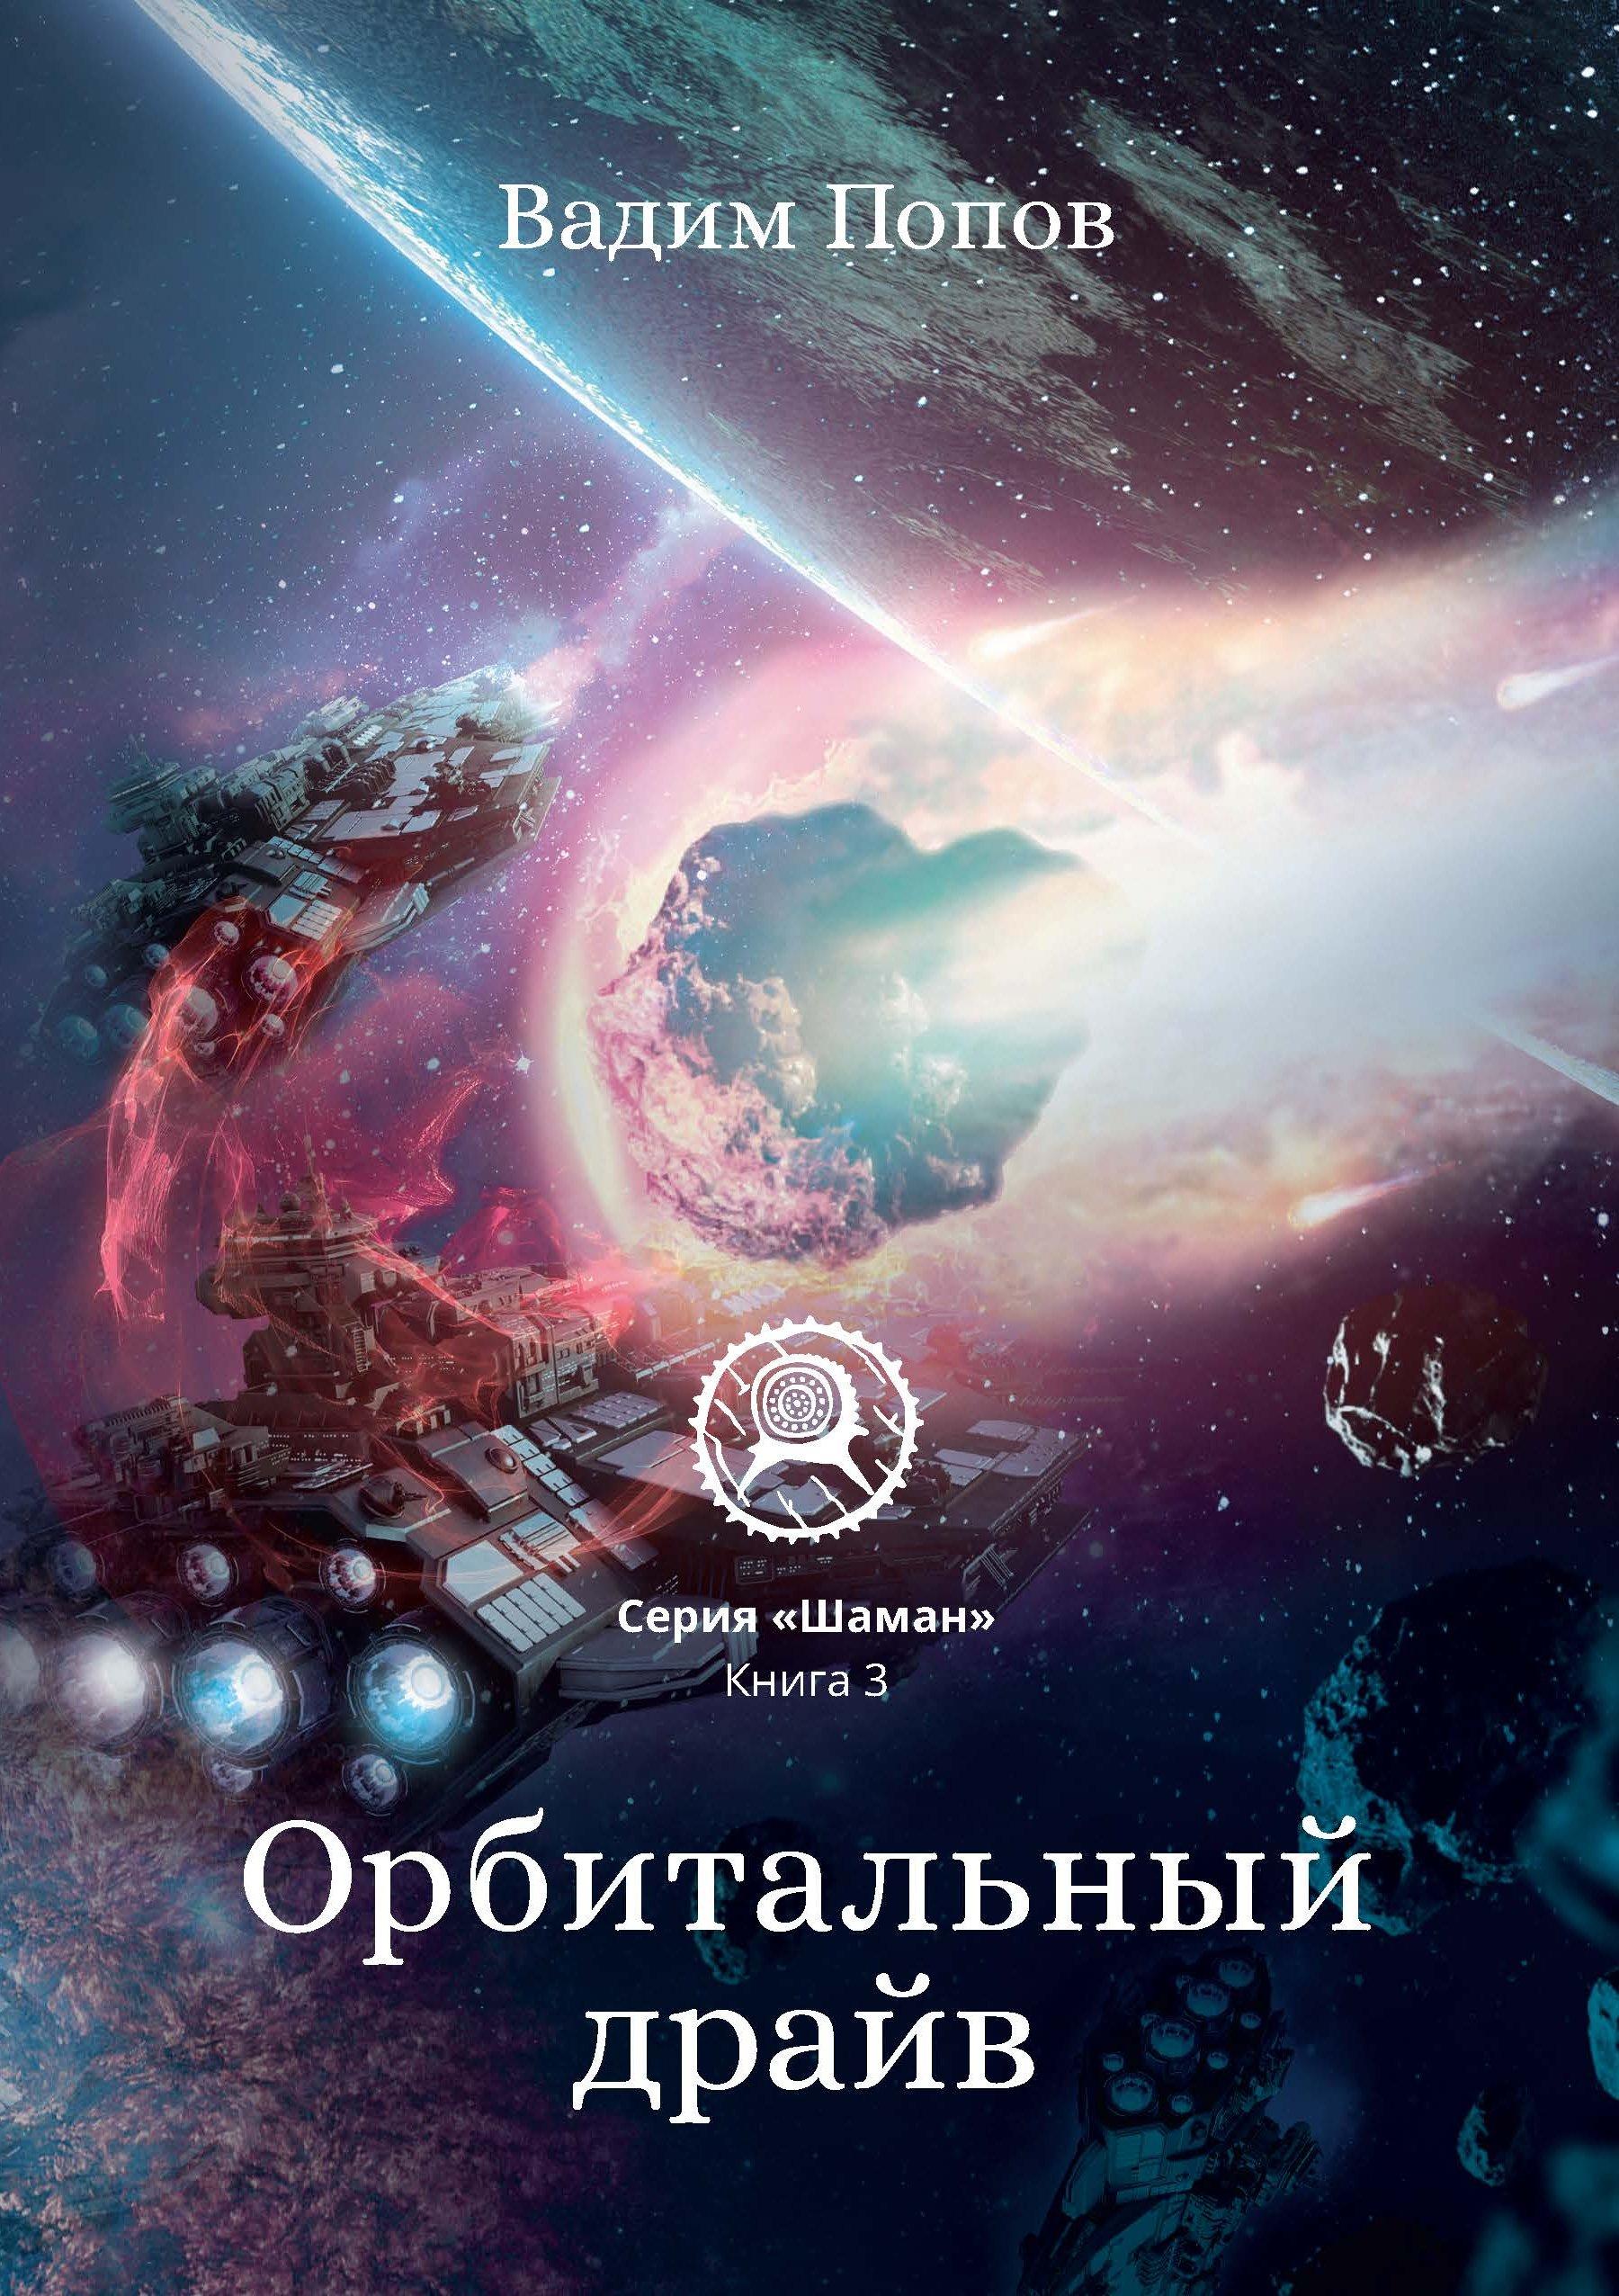 Купить книгу Орбитальный драйв, автора Вадима Попова